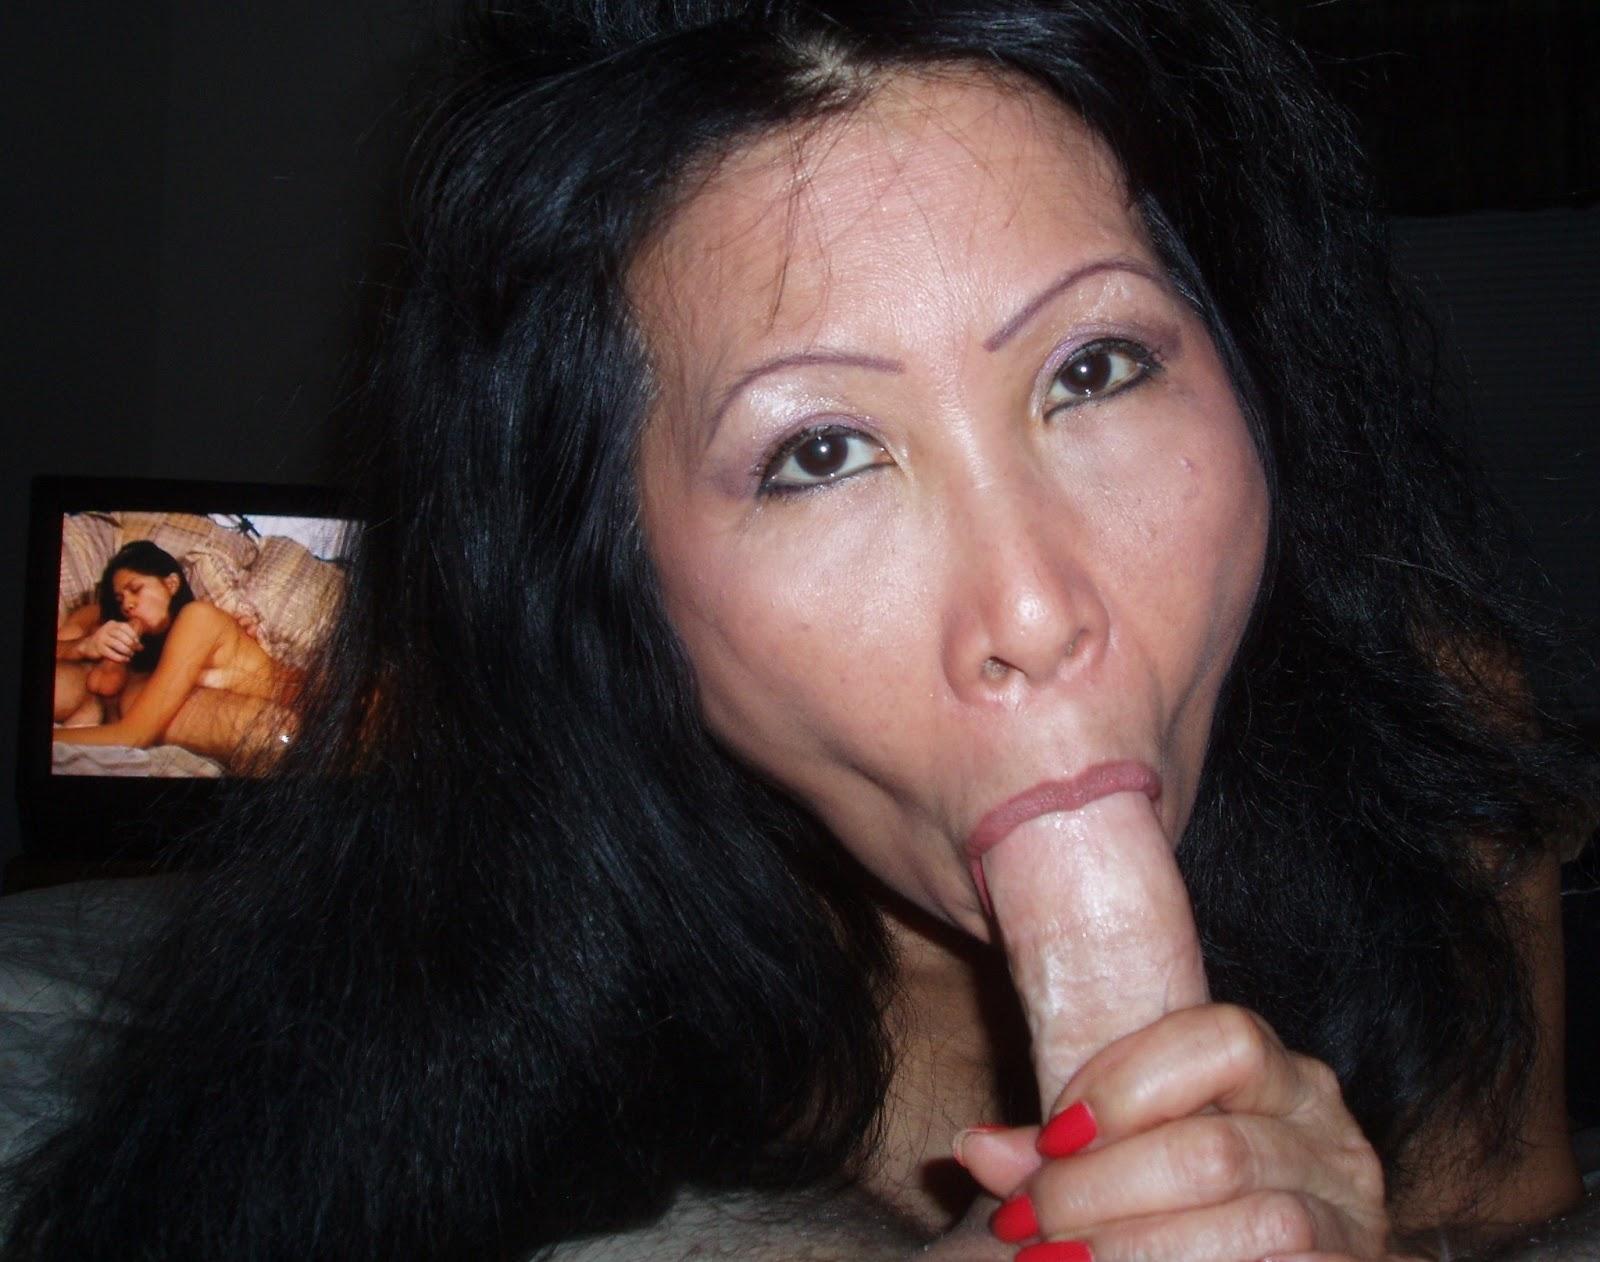 Tit fucking hot blonde women